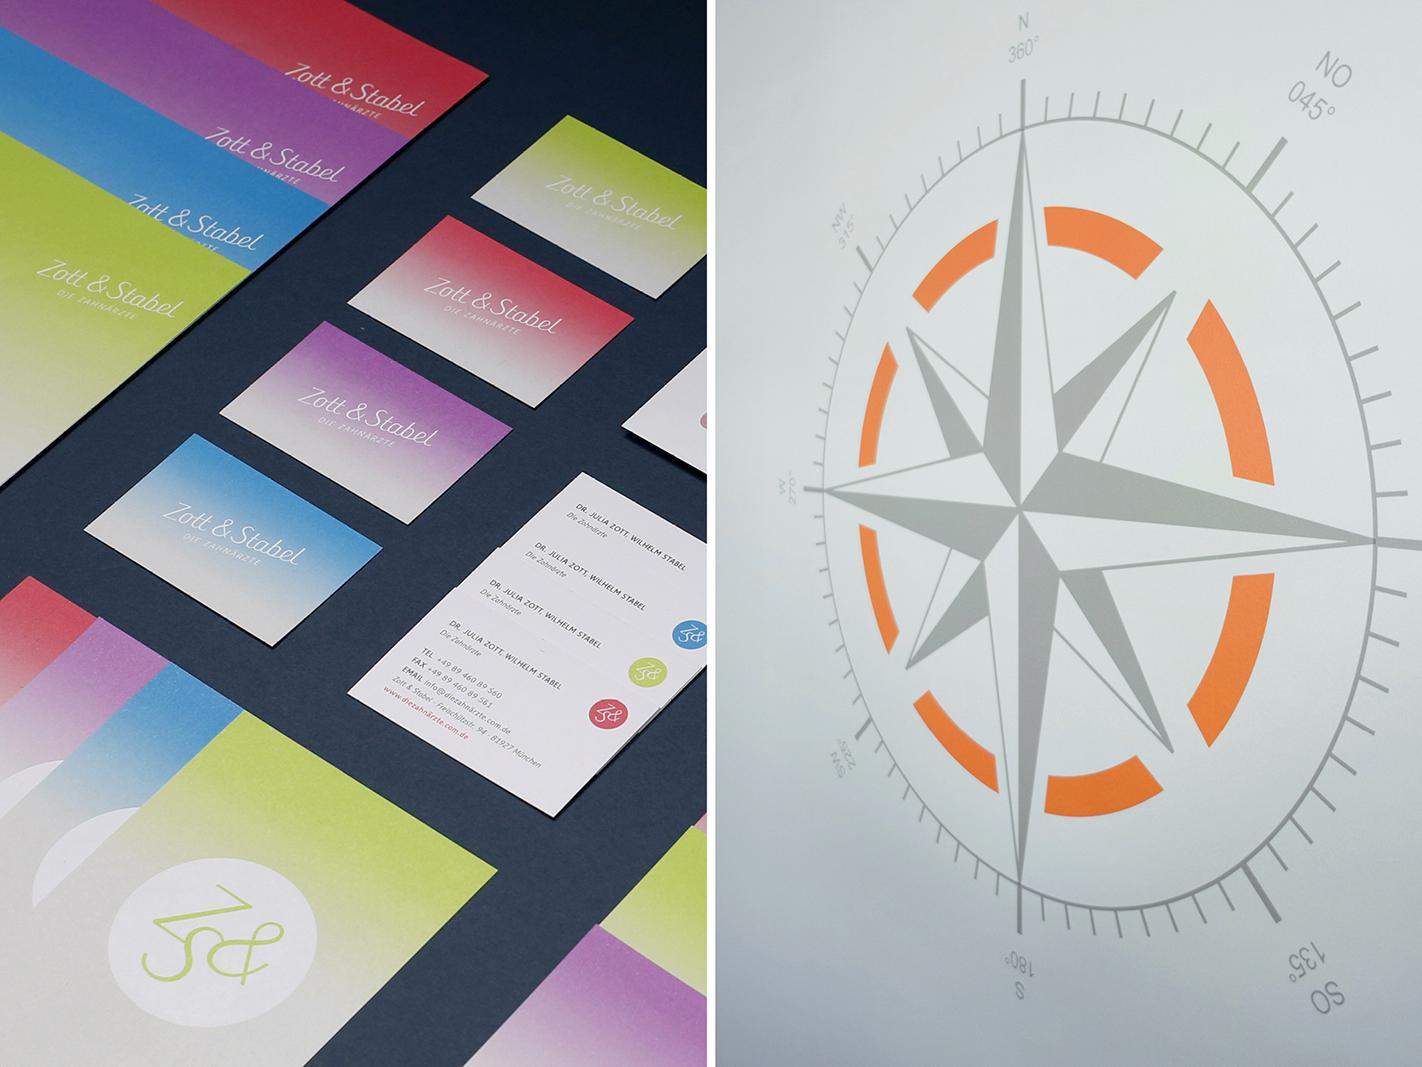 ATK-ZUS-Zahnaerzte-Zahnarzt-Corporate-Design-4.jpg